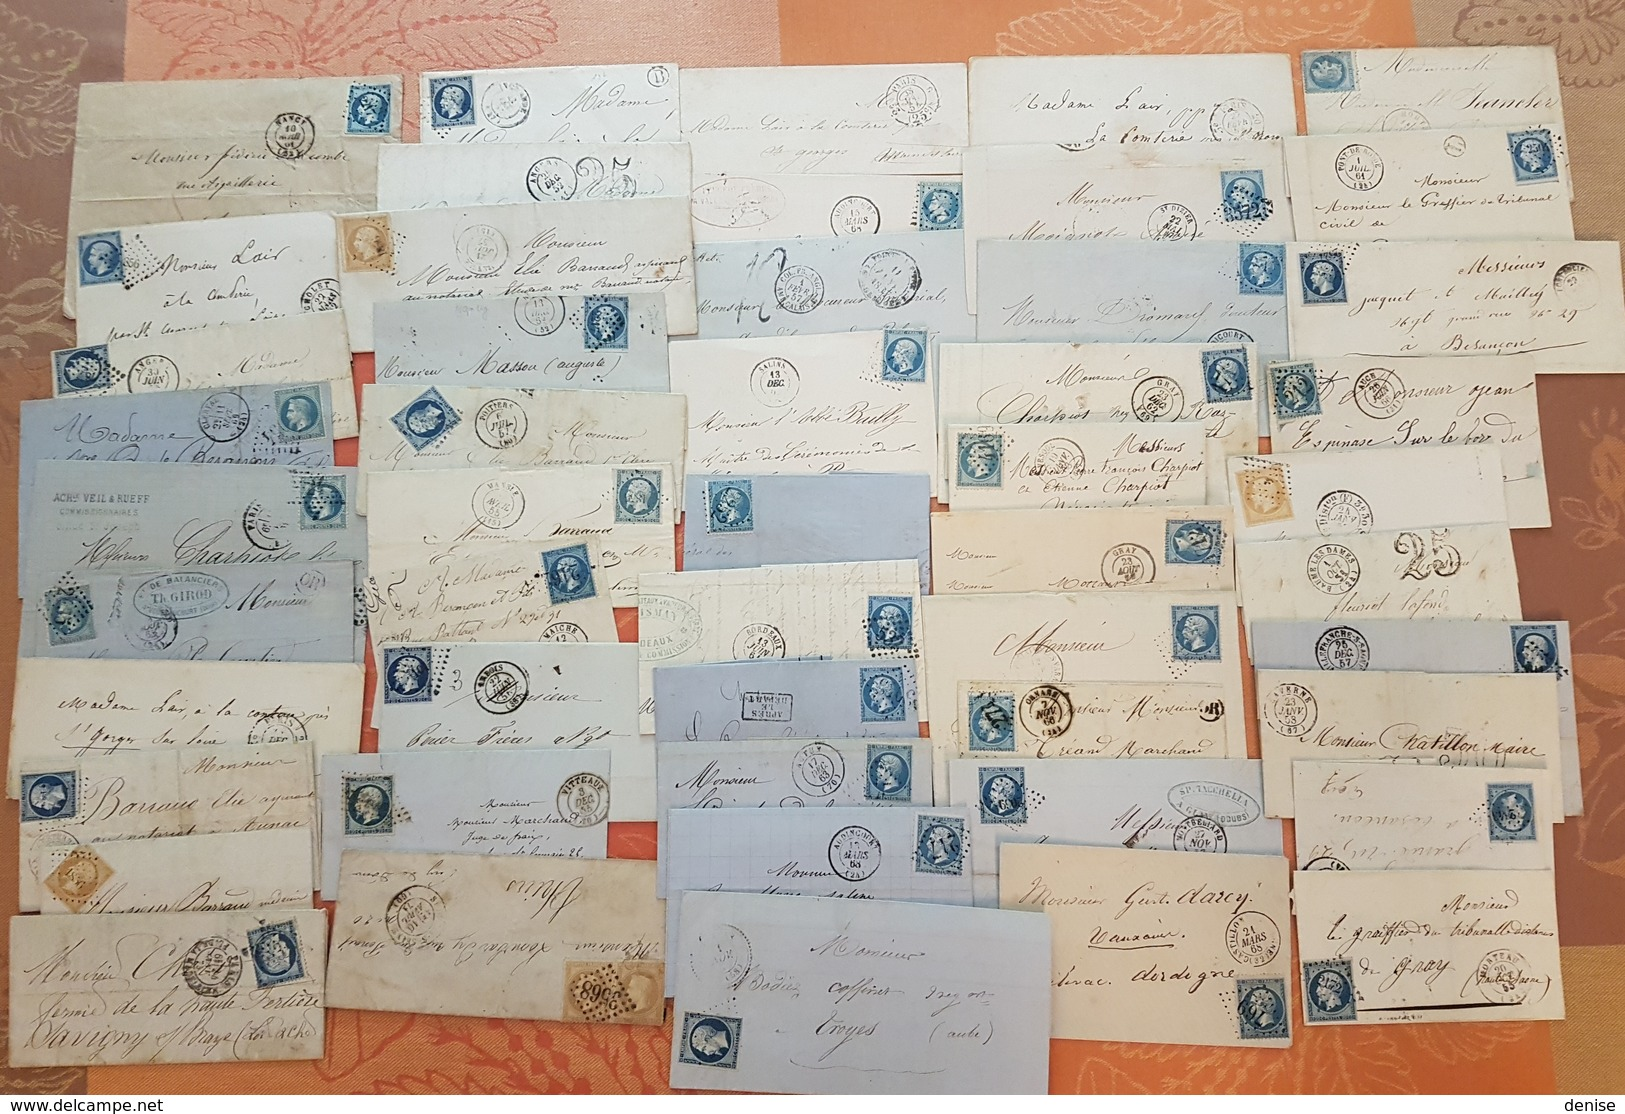 France - Lot De 50 Lettres Classiques  - DEPART 1 EURO - Postmark Collection (Covers)